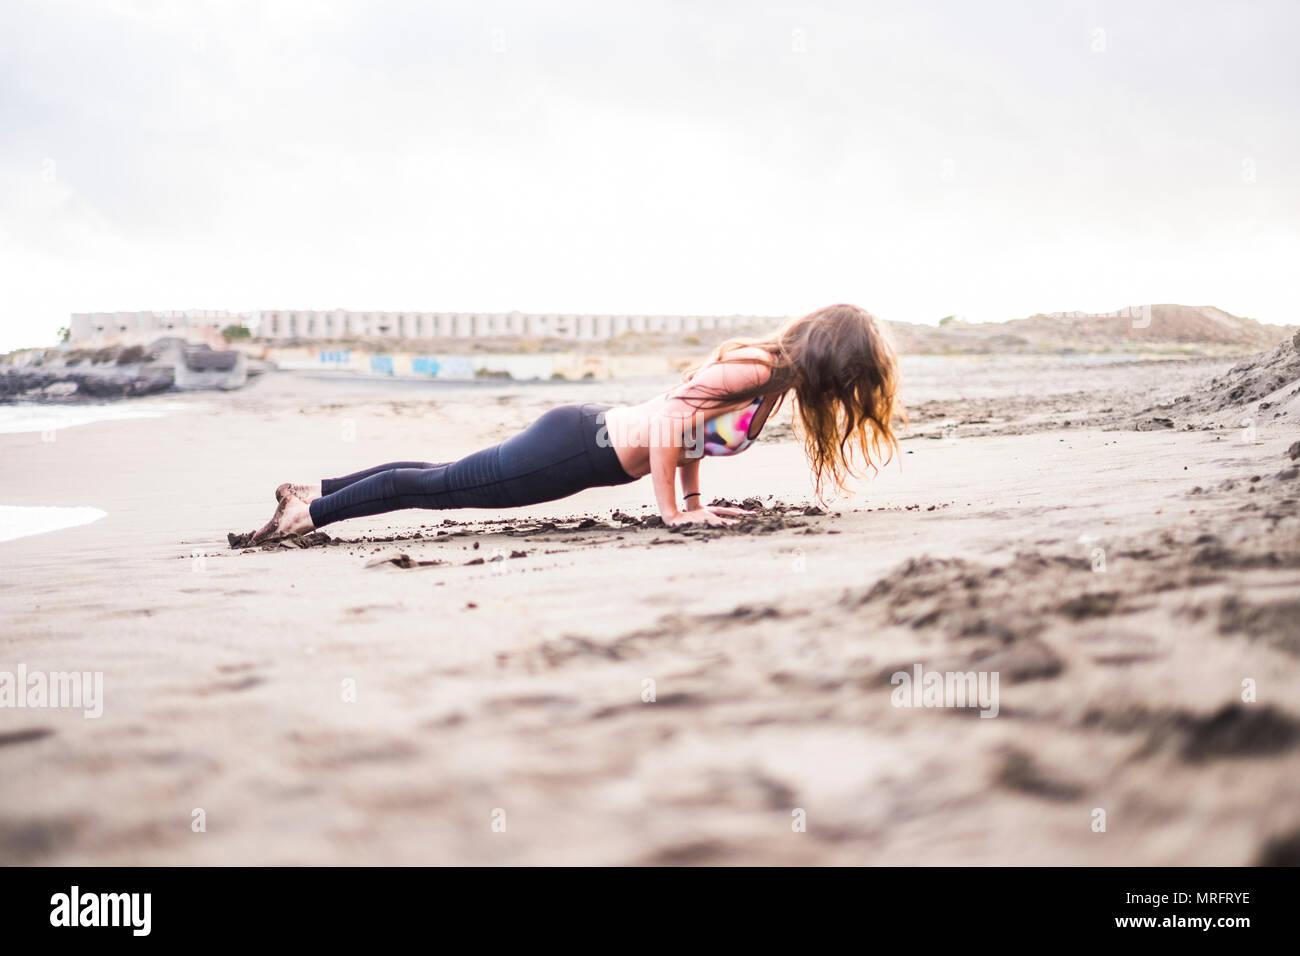 Yoga und Pilates rest starke Position zu widerstehen und hart sein. nette junge Dame Fitness am Strand in Outdoor Freizeitaktivitäten Aktivität. Sand und einsame p Stockbild